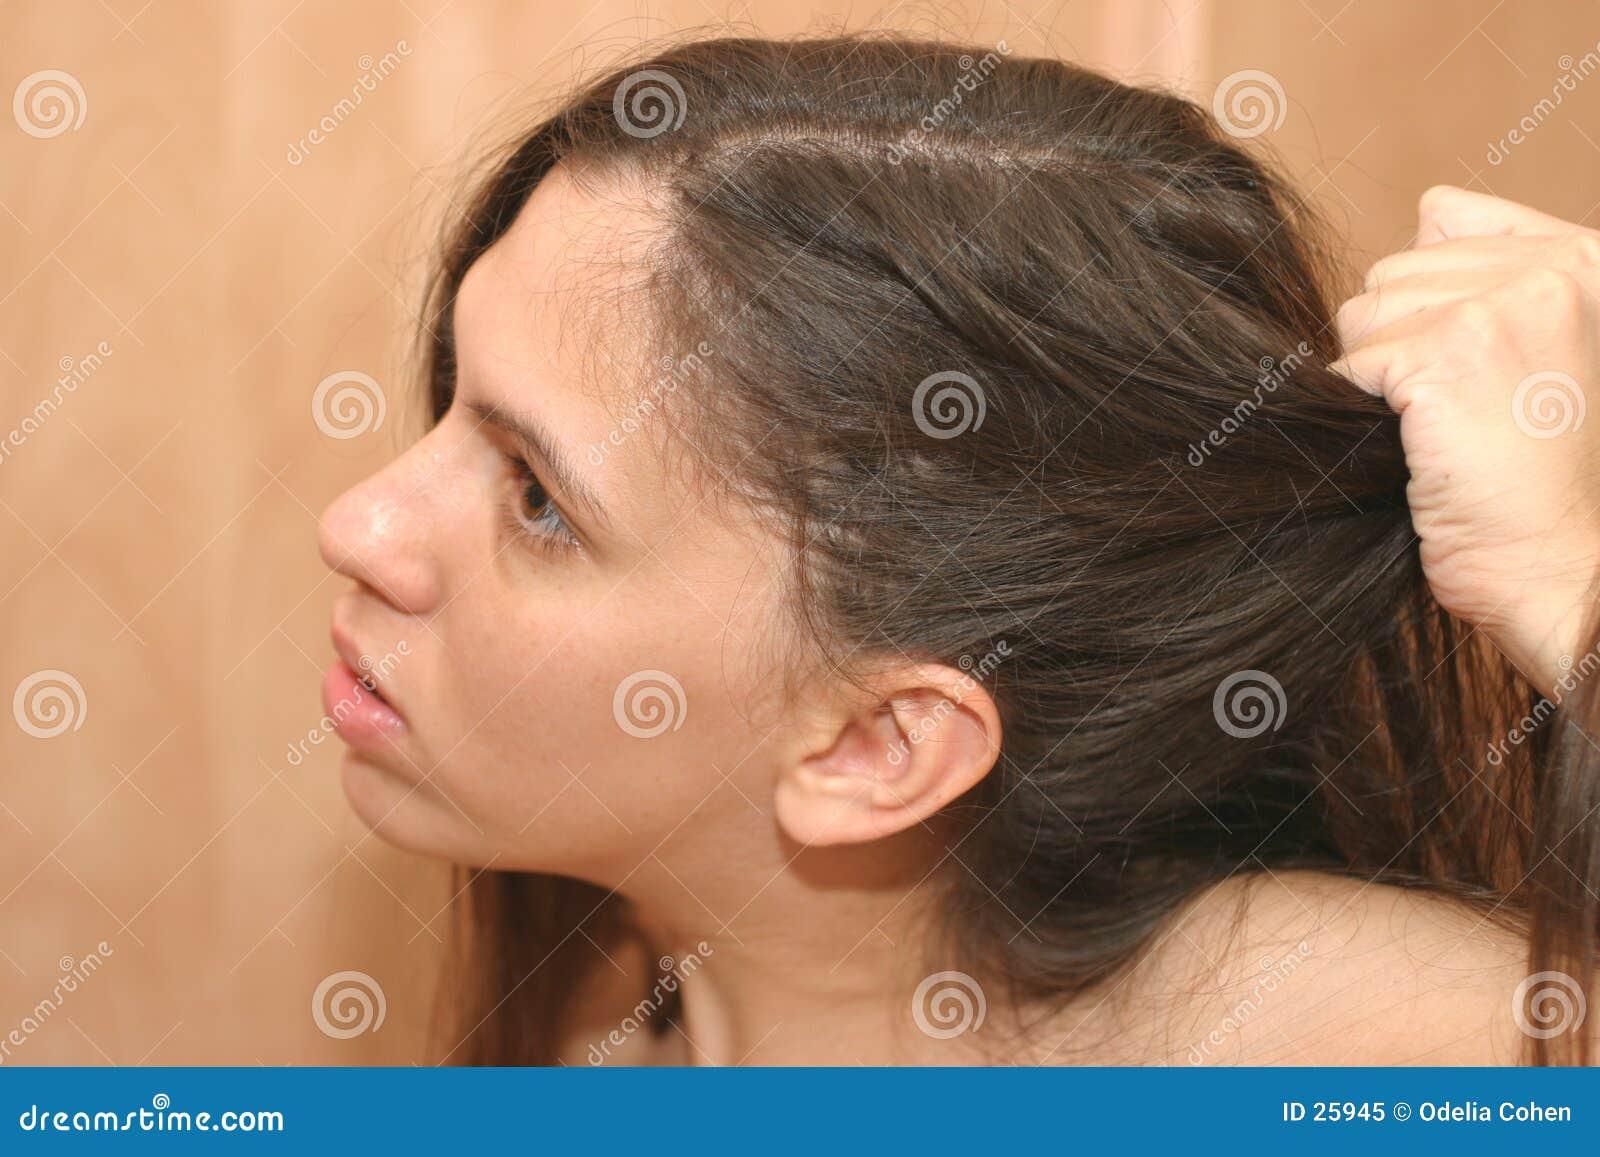 Giorno difettoso dei capelli